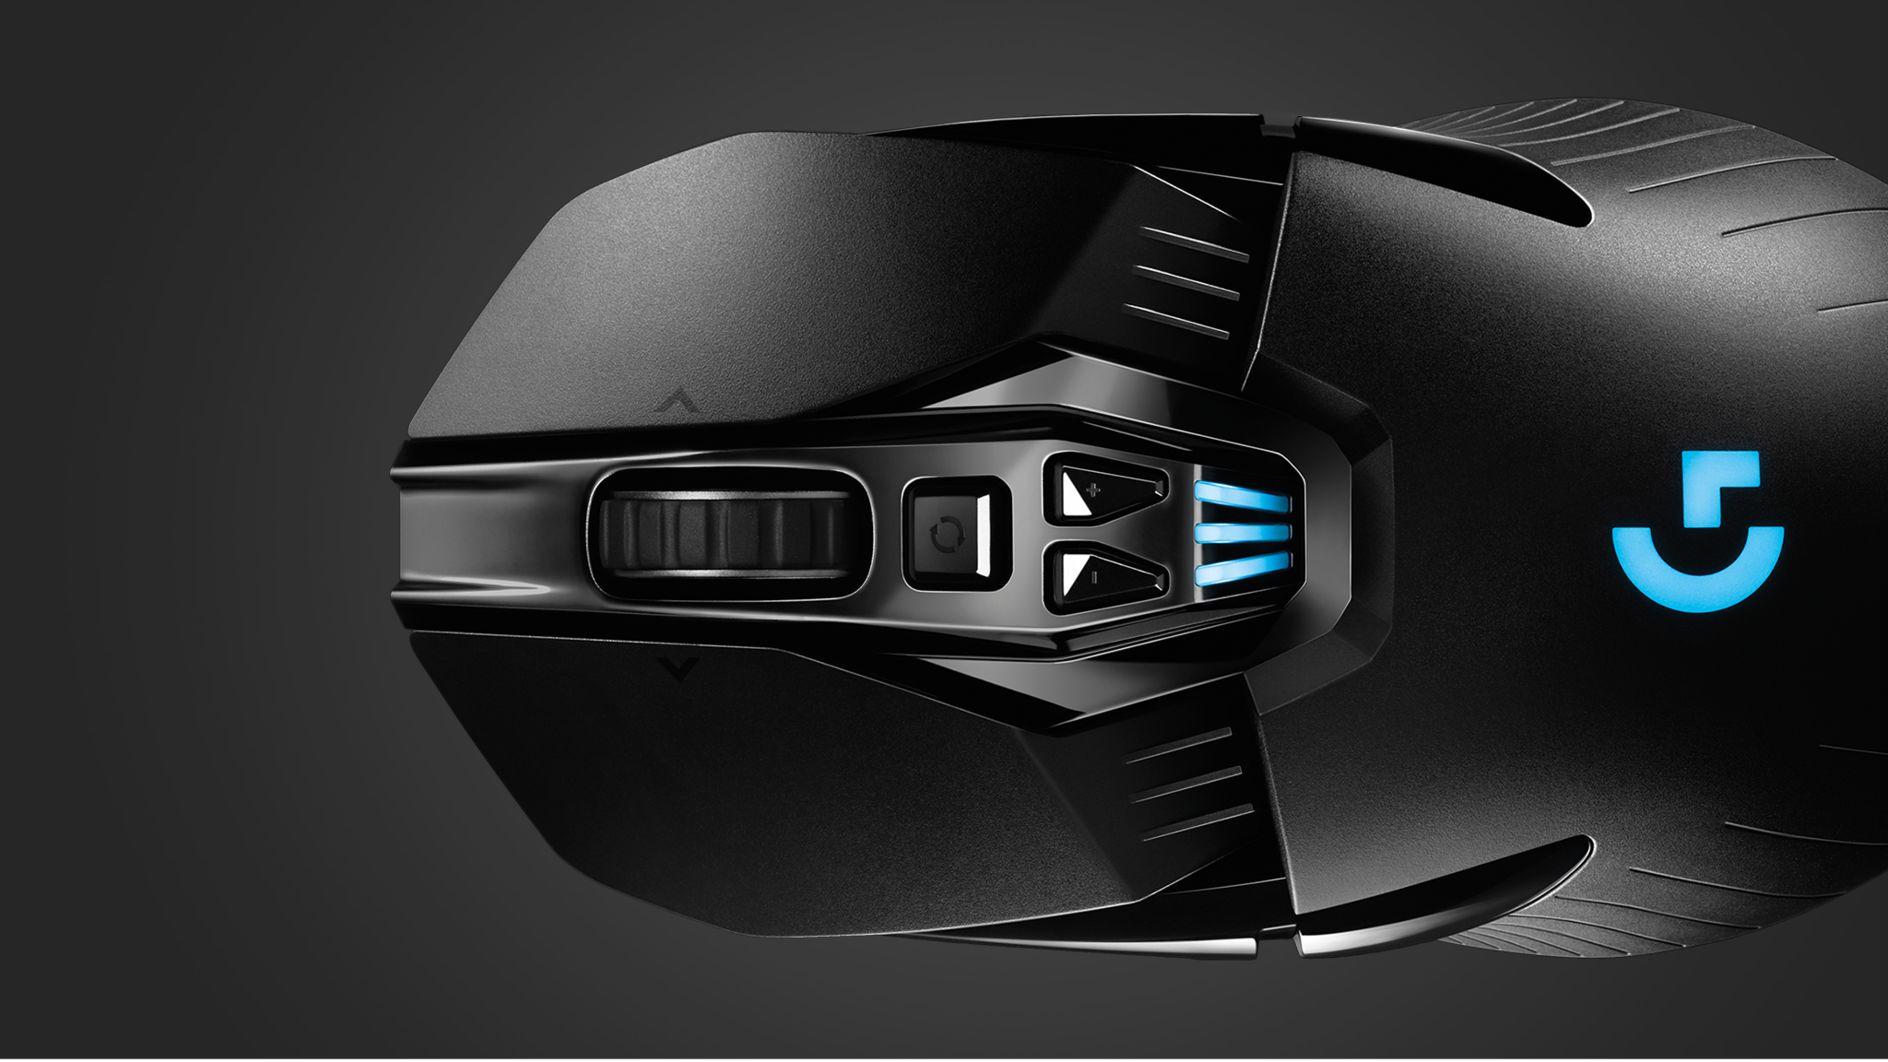 Análise Logitech G903 | Mouse sem fio com ótima conectividade e tempo de bateria impressionante